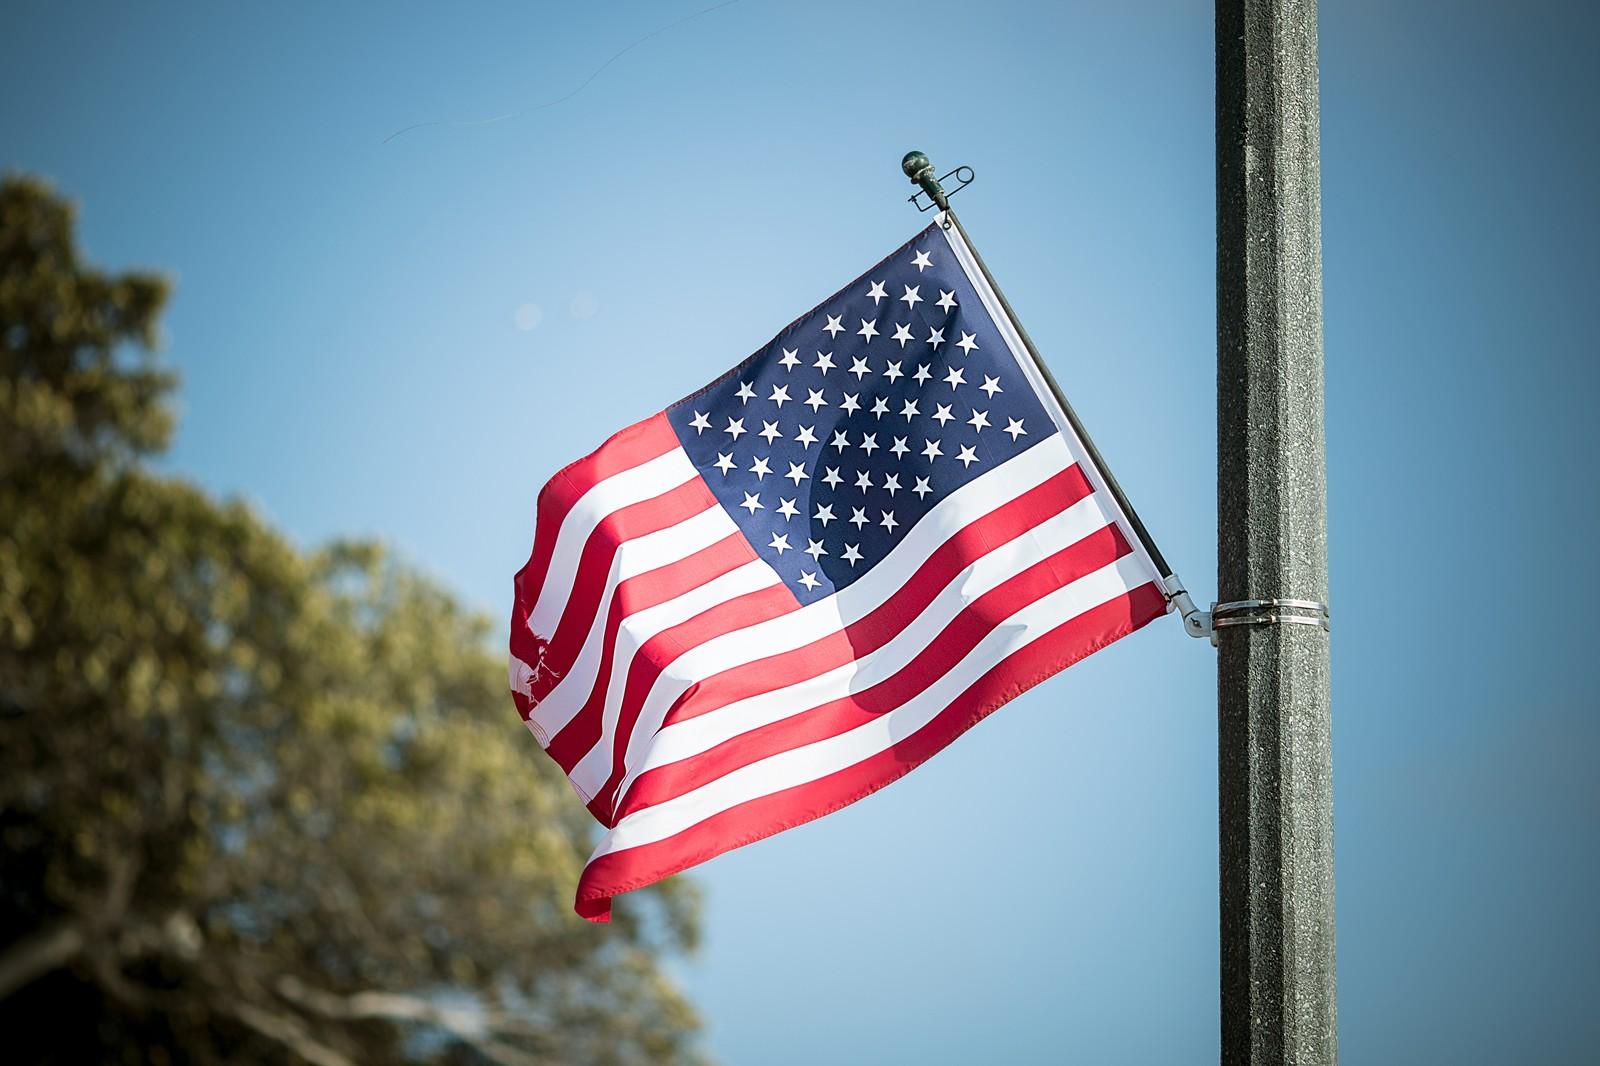 風になびくアメリカの国旗